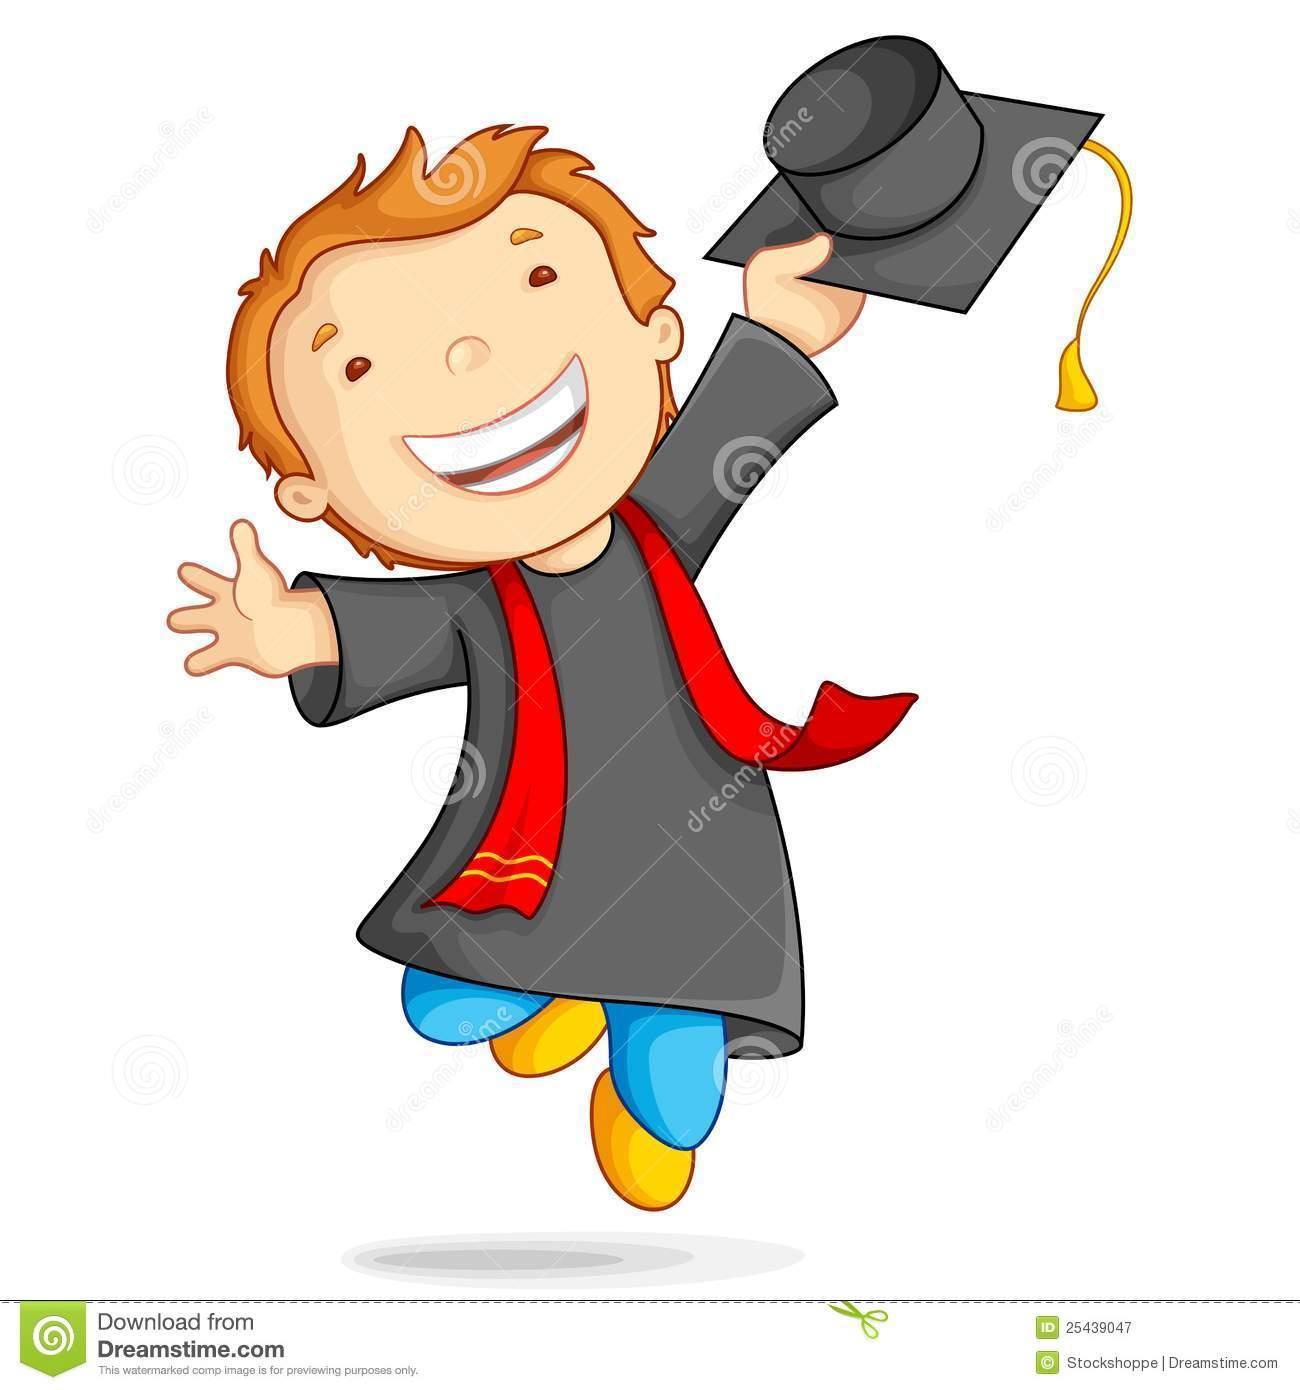 Graduation clipart for kids 5 » Clipart Portal.